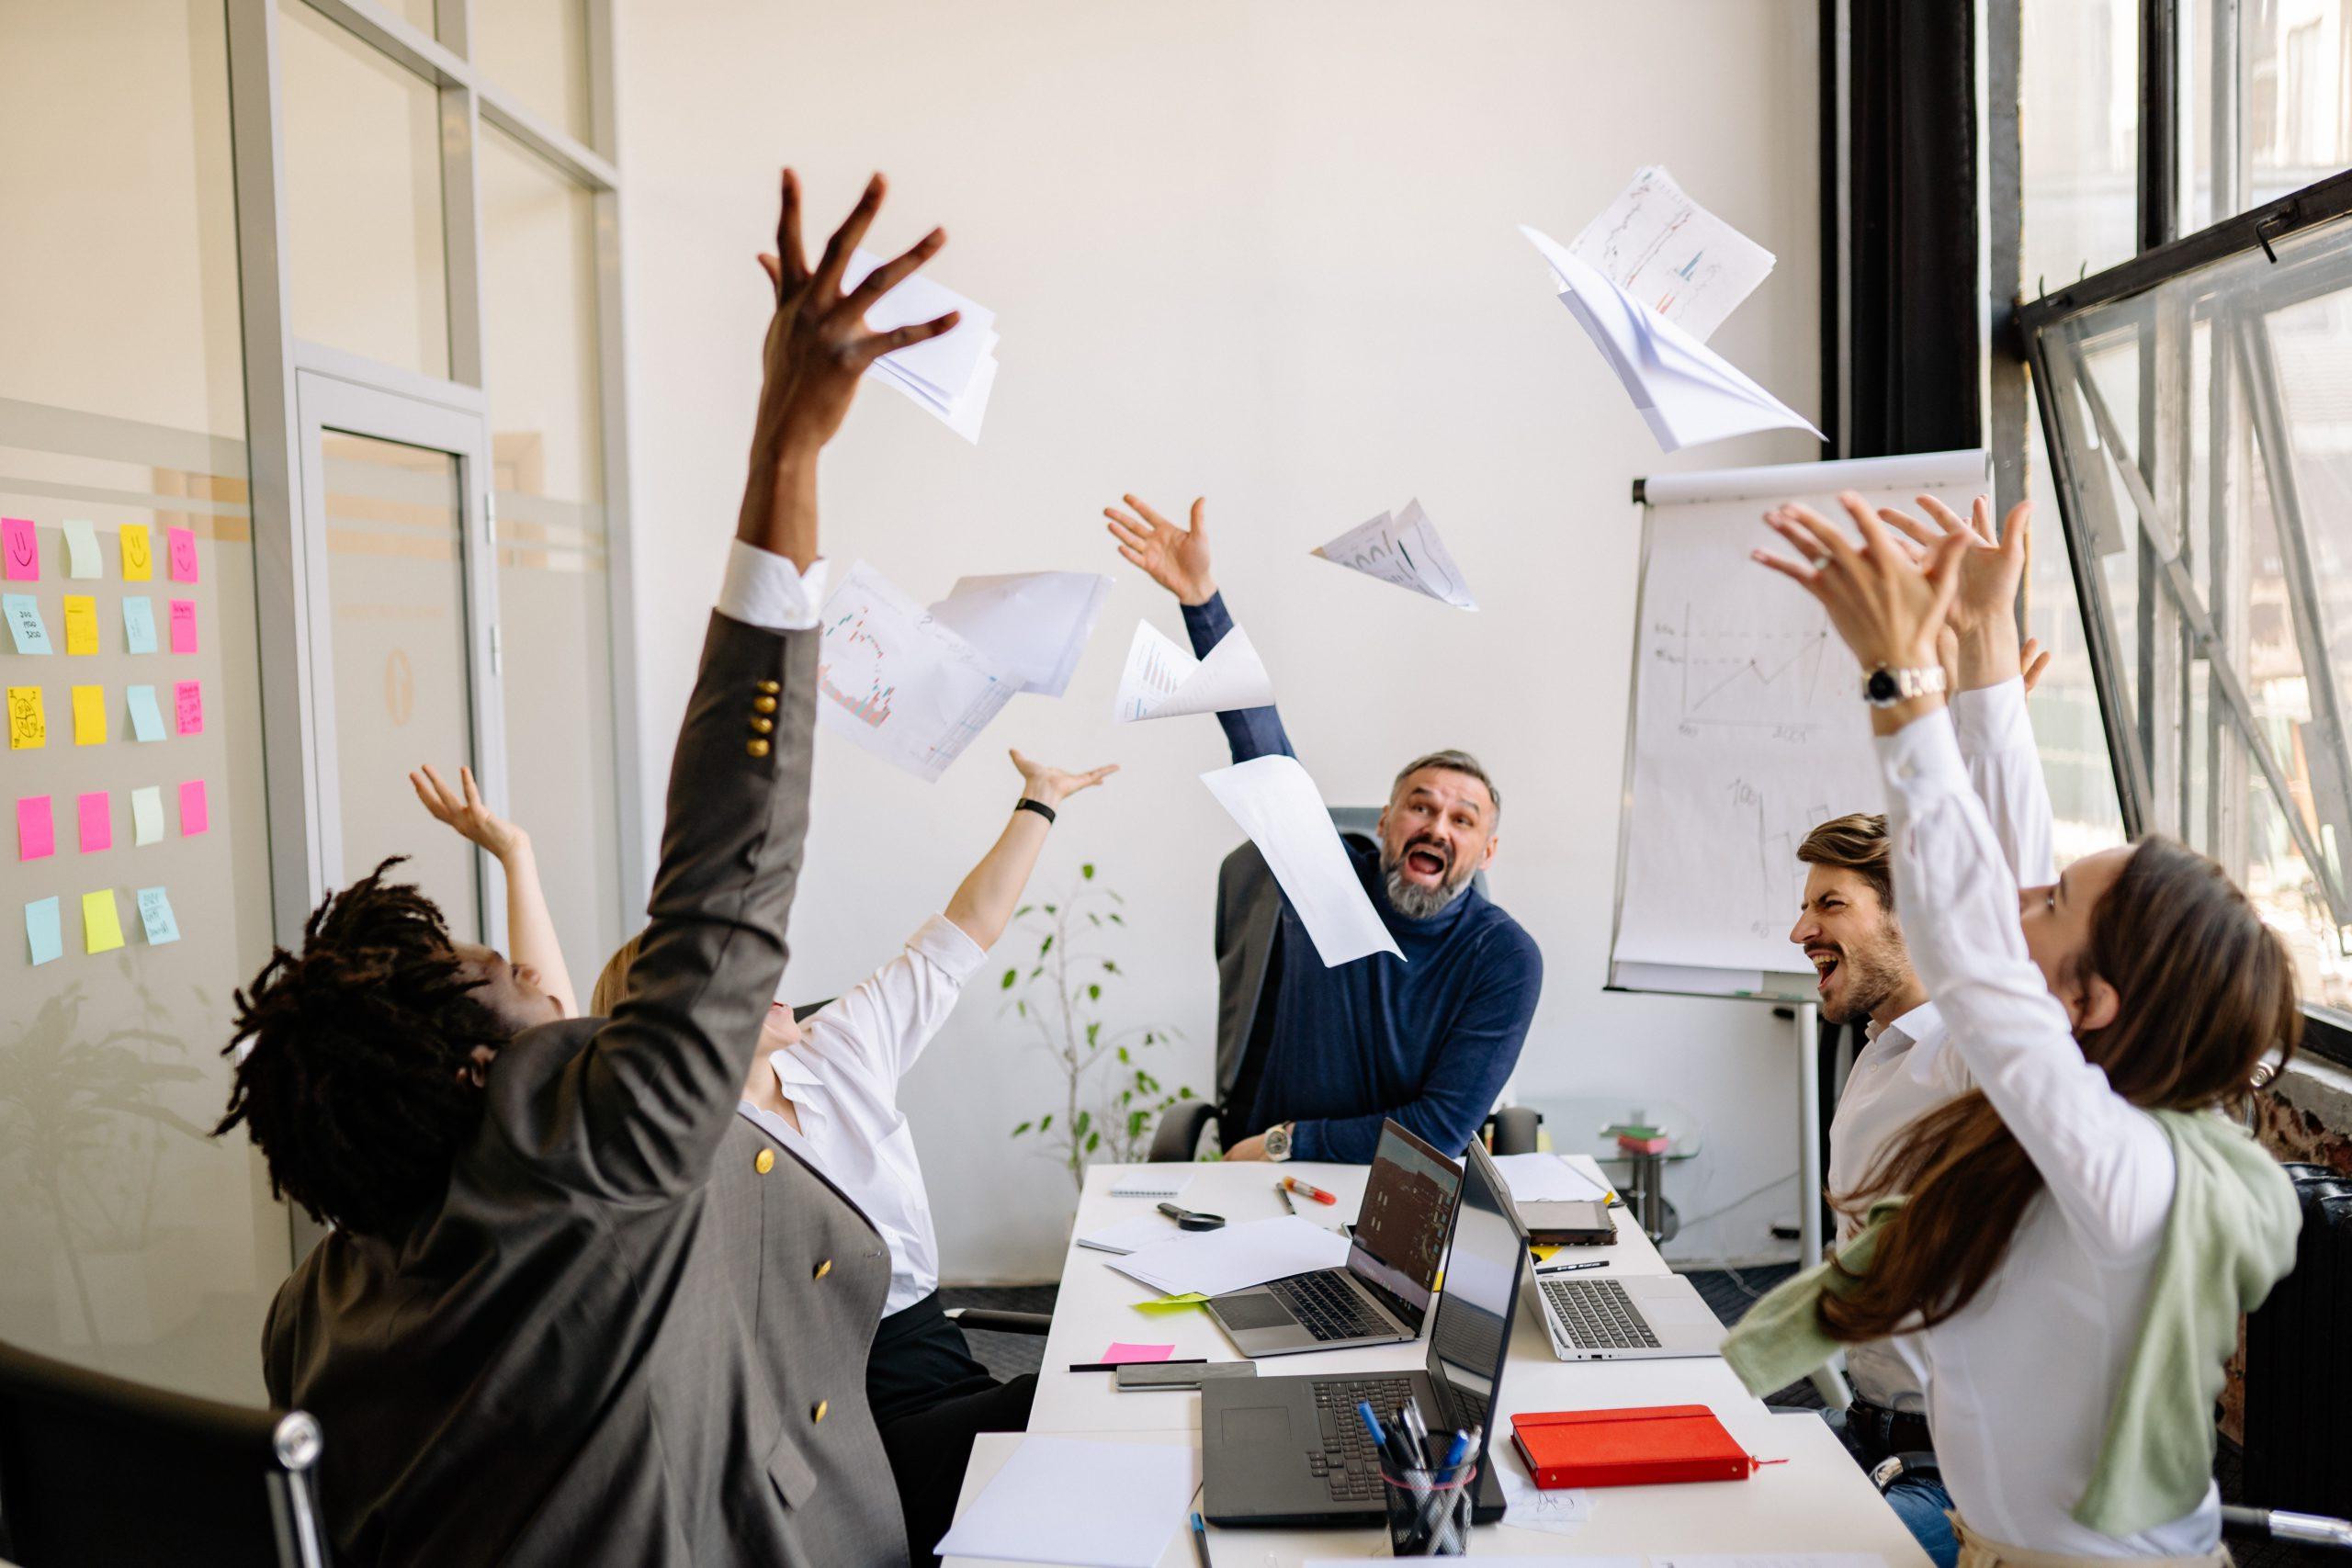 Incentiva con Experiencias a tus Empleados y Clientes